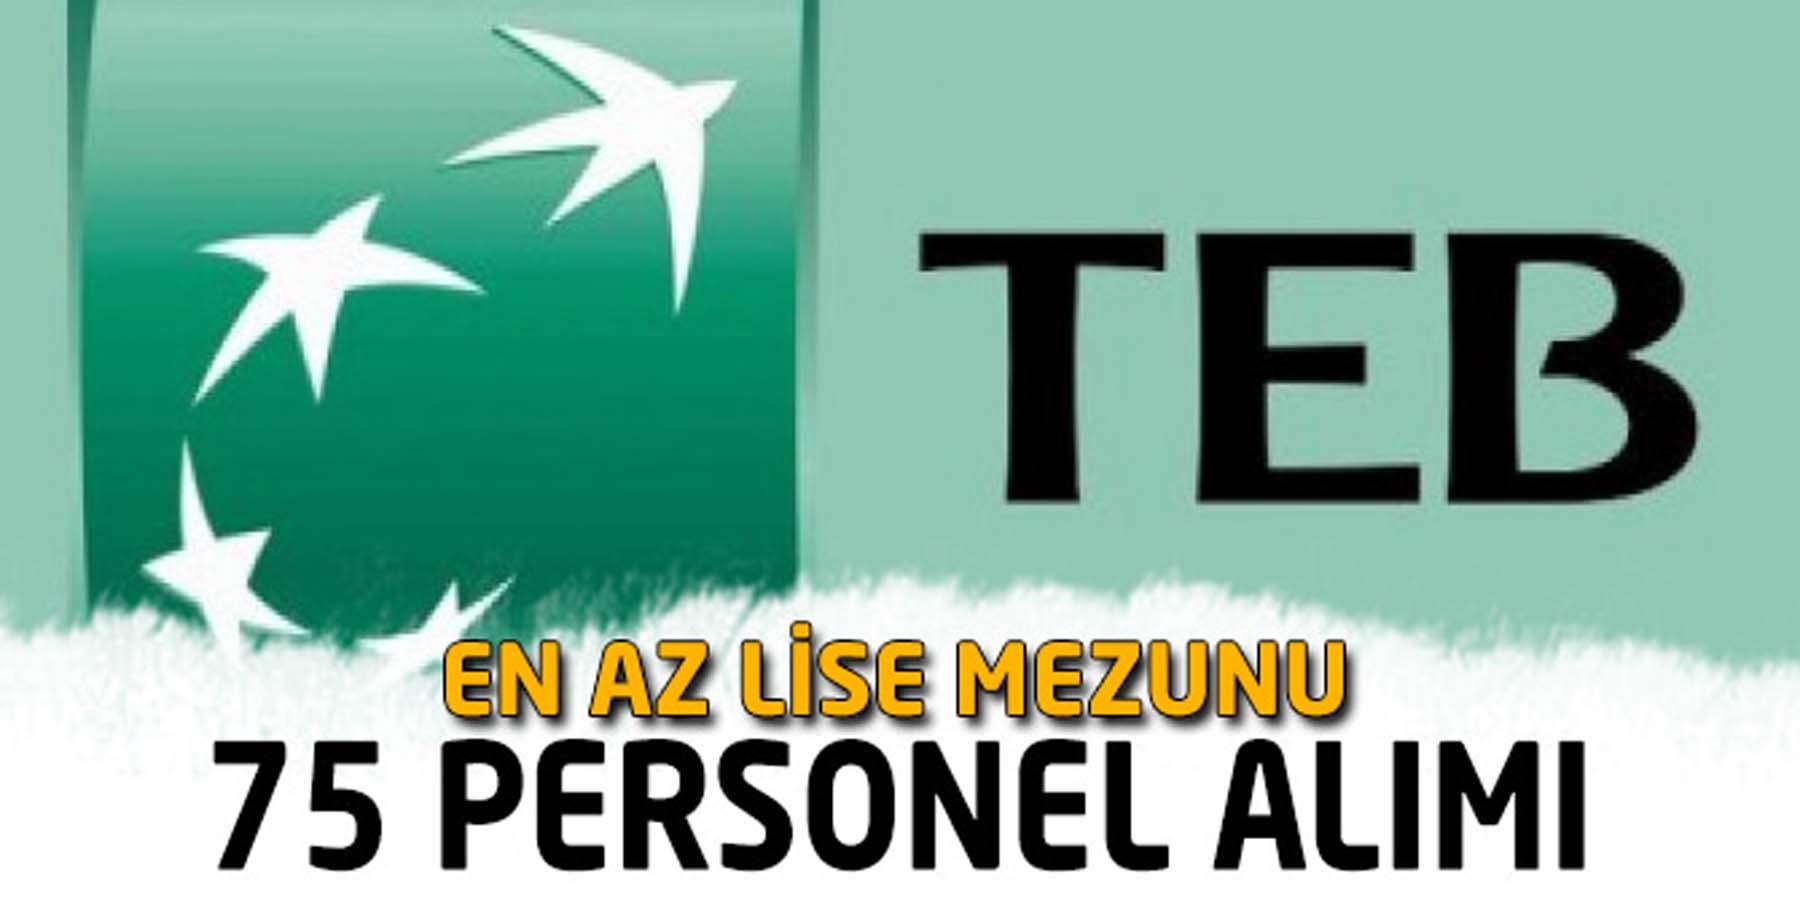 TEB En Az Lise Mezunu 75 Personel Alımı